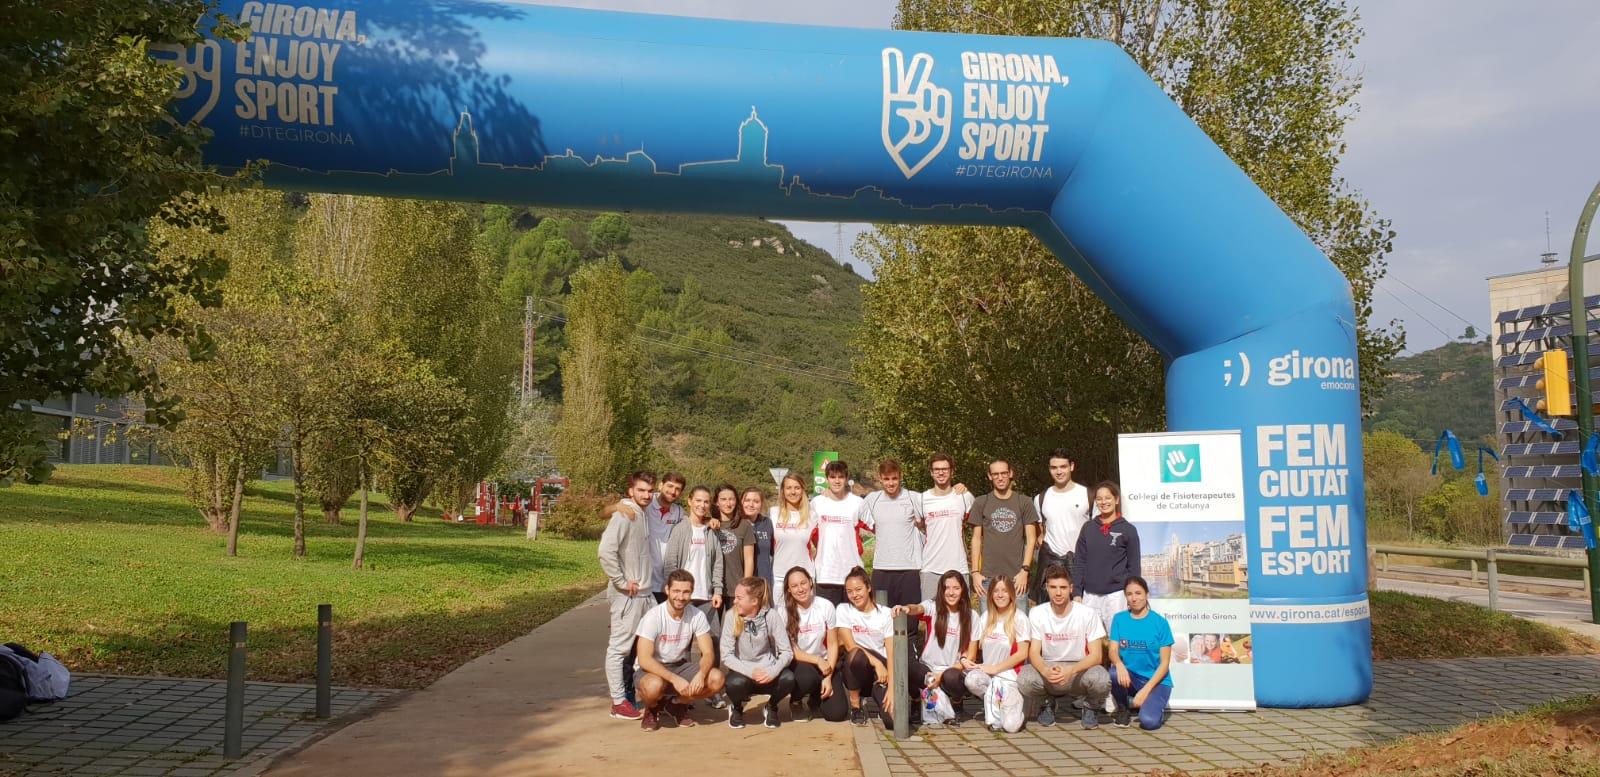 EUSES s'aboca un any més en el Dia Internacional de la Fisioteràpia (DIFT), al Parc Tecnològic de Girona